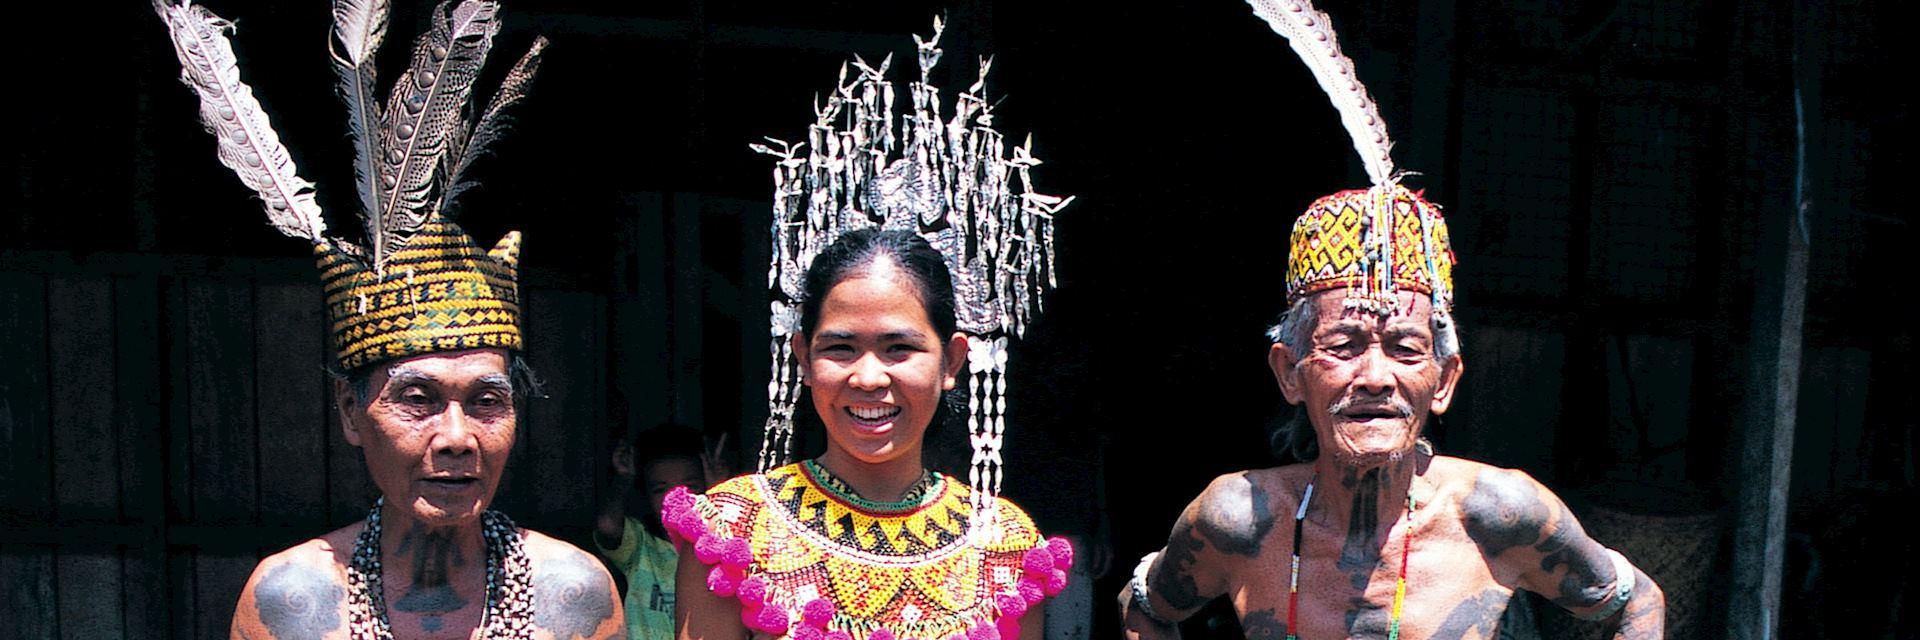 Iban tribe, Sarawak